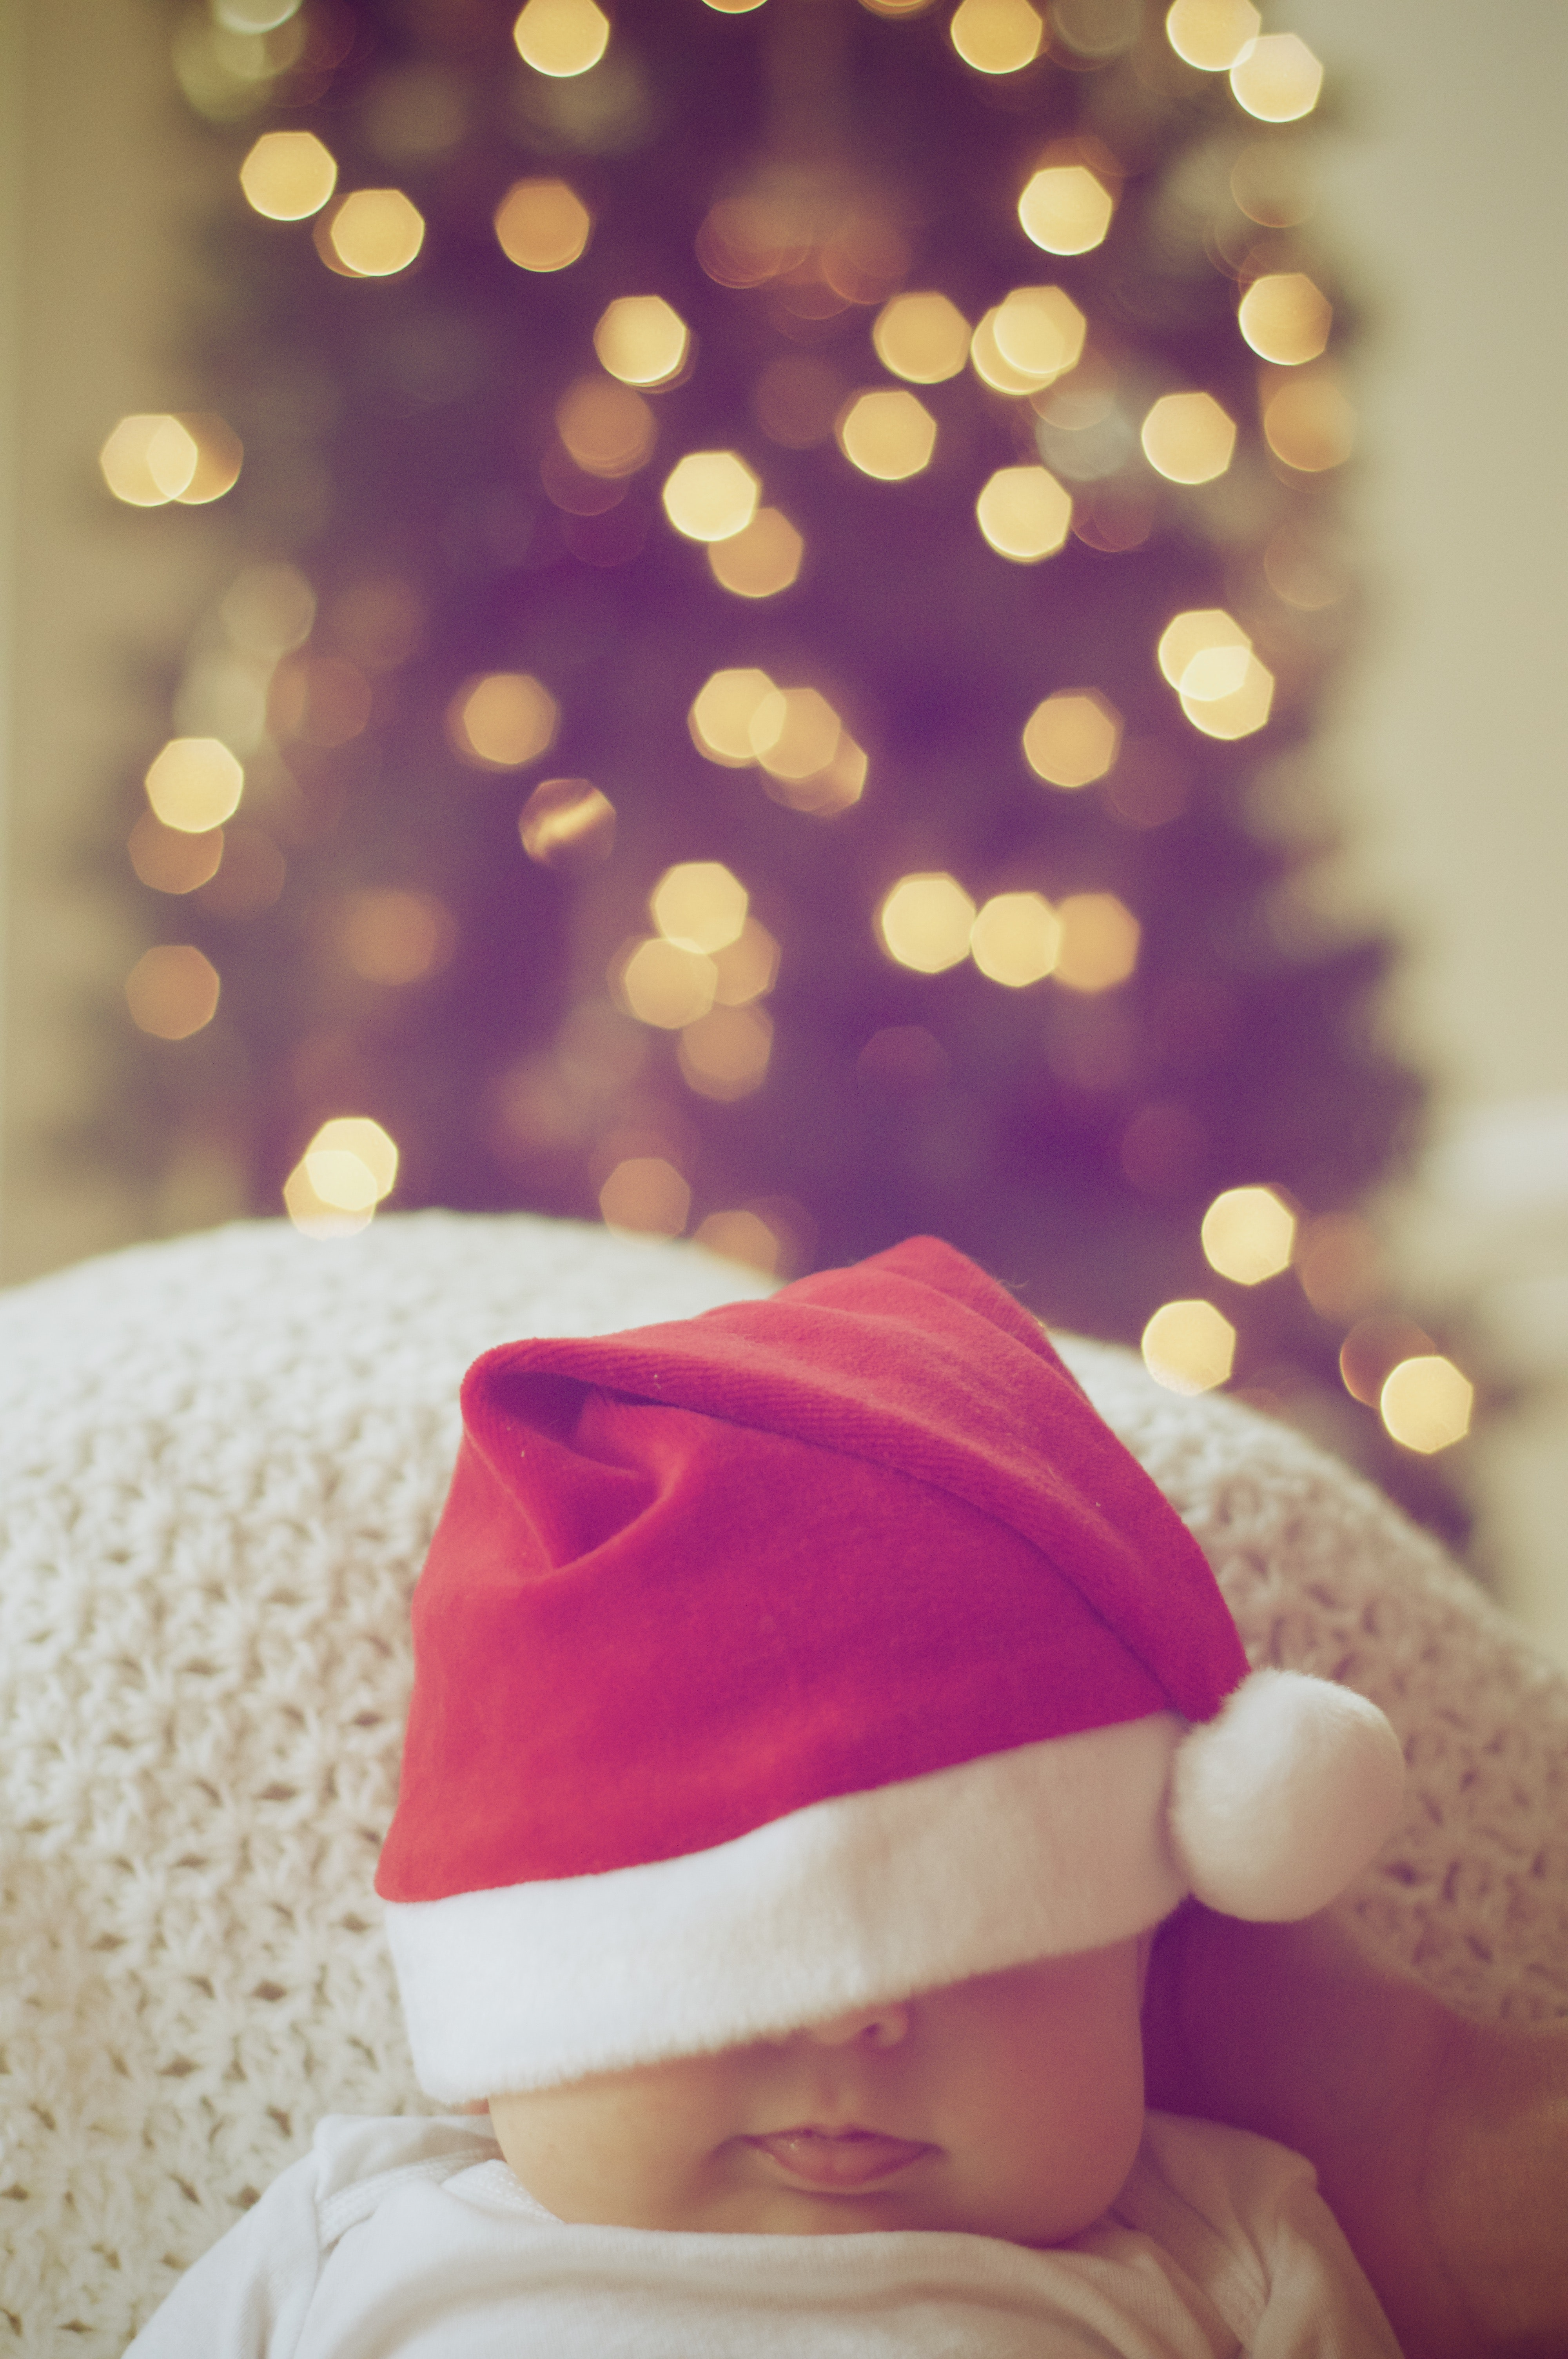 Close-up of Illuminated Christmas Tree And A Baby, Baby, Fun, Season, Santa claus, HQ Photo